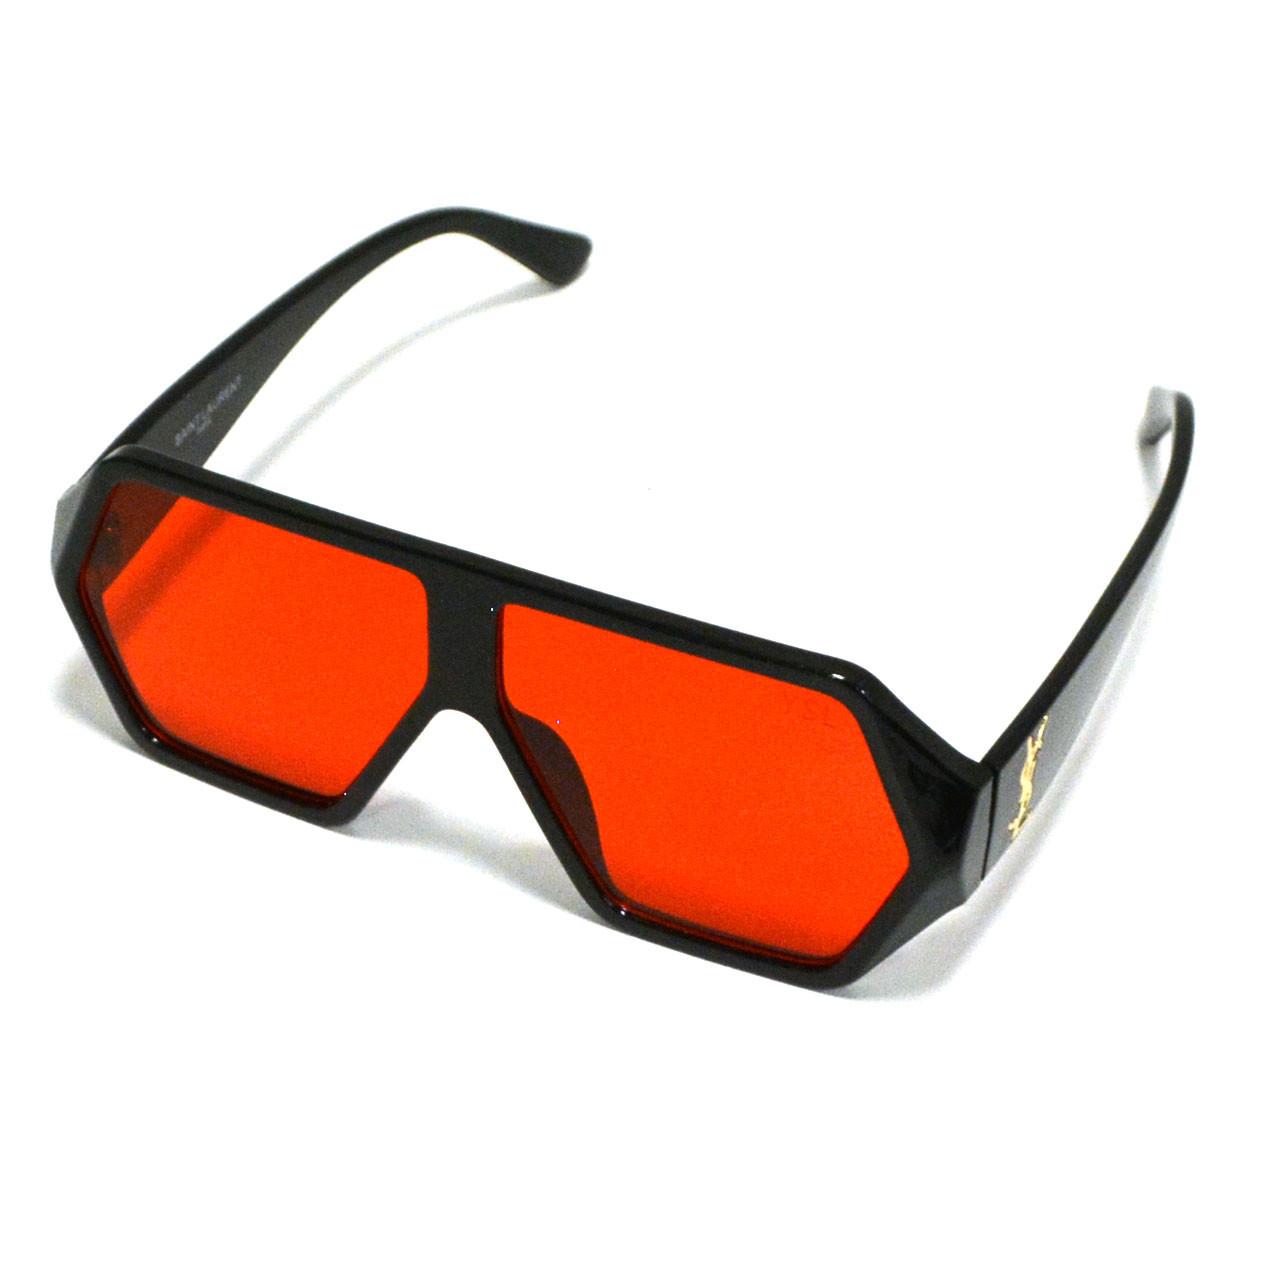 Солнцезащитные очки с красными стеклами с широкой черной дужкой YSL 3010 - фото 6